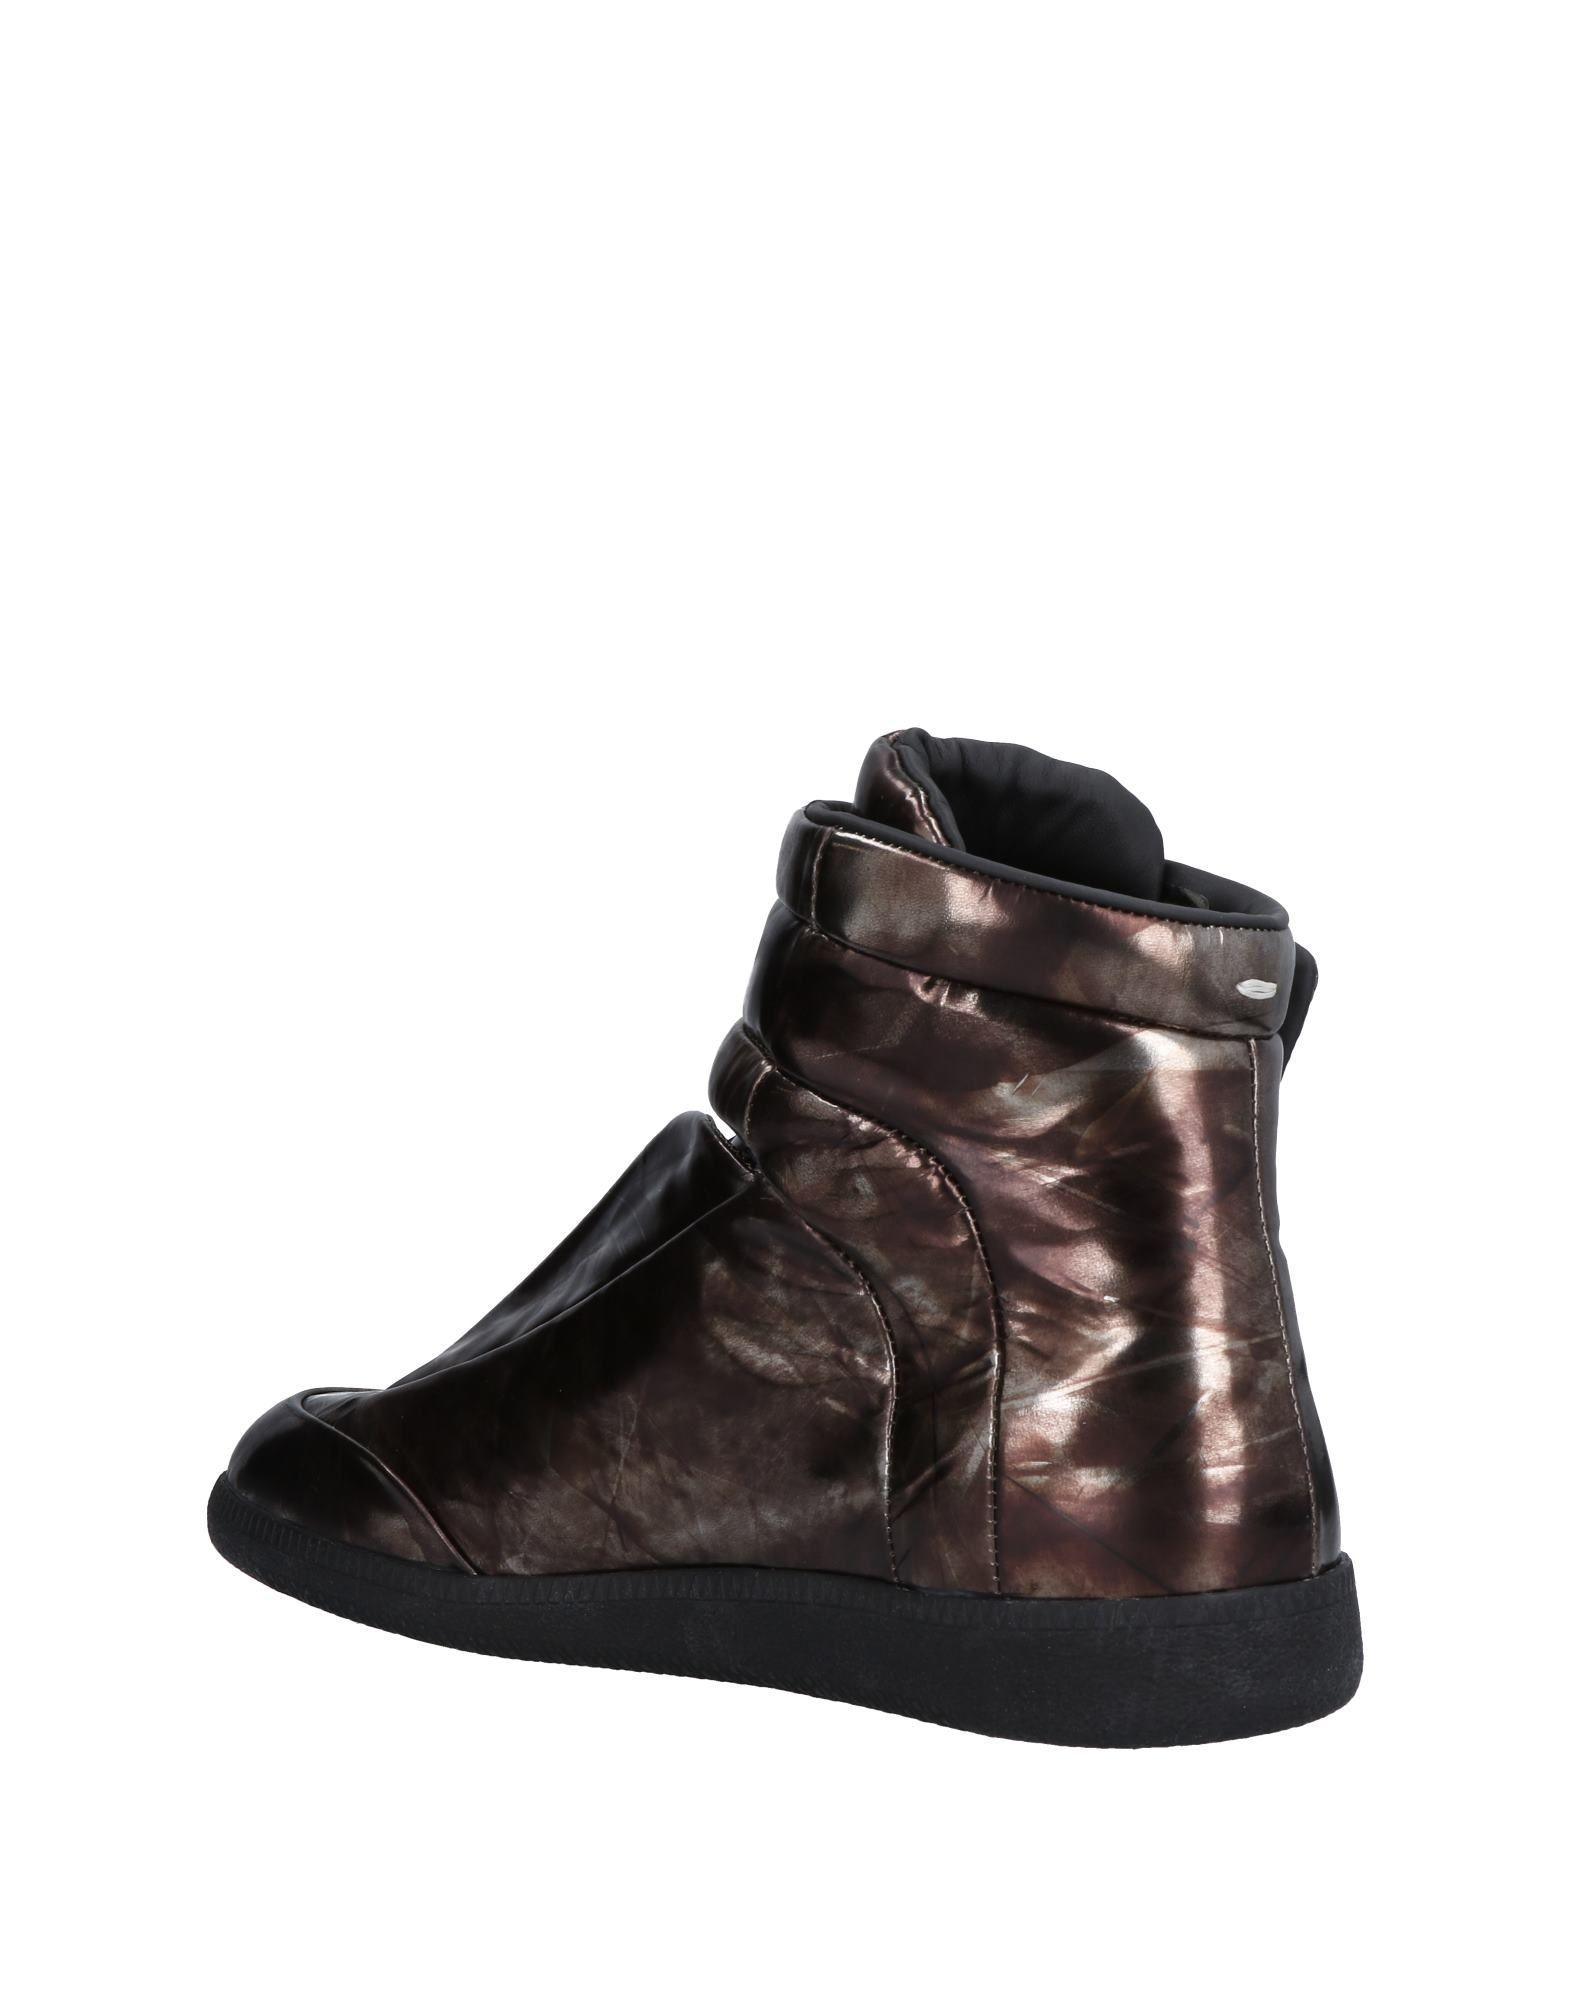 Maison Margiela Sneakers Herren  11471936EL Neue Schuhe